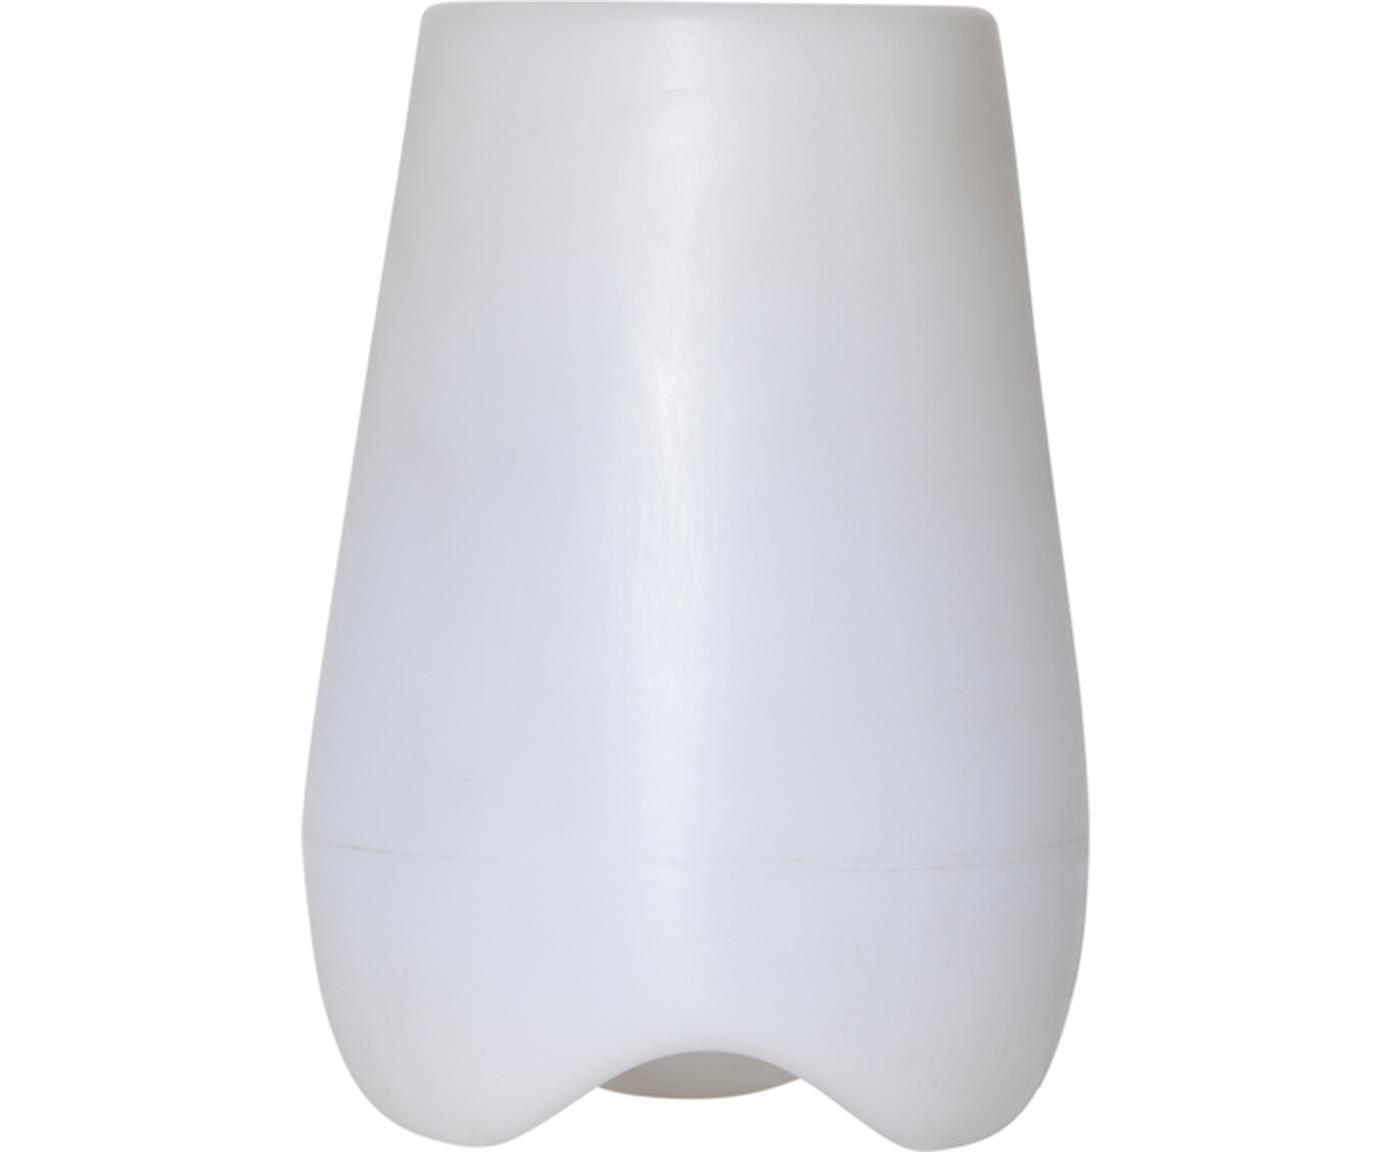 LED Außenleuchte Twilights mit Blumentopf, Kunststoff, Weiß, Ø 28 x H 40 cm